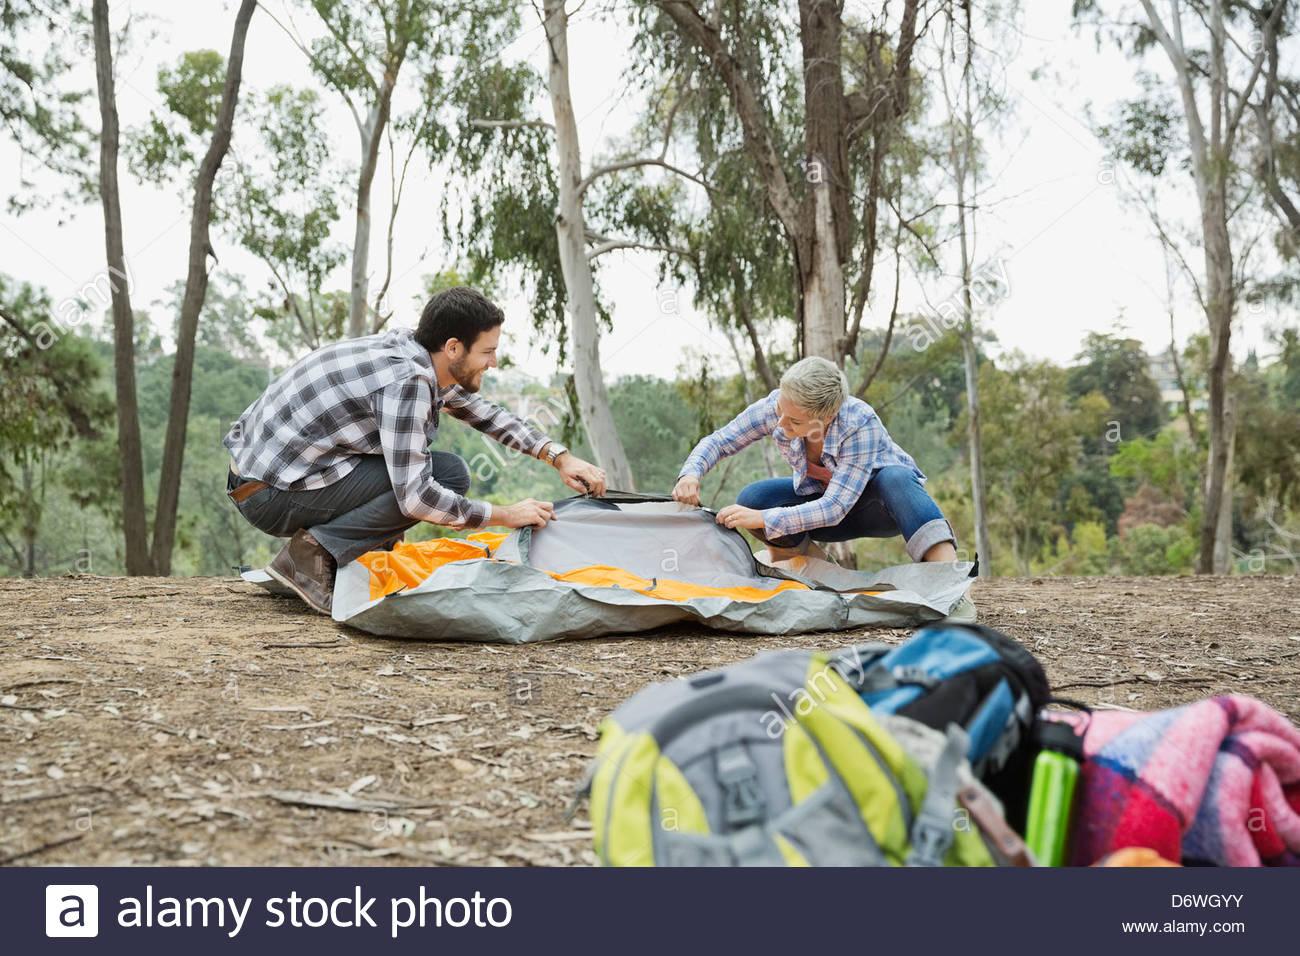 Paio di impostazione di tenda in foresta con zaini in primo piano Immagini Stock